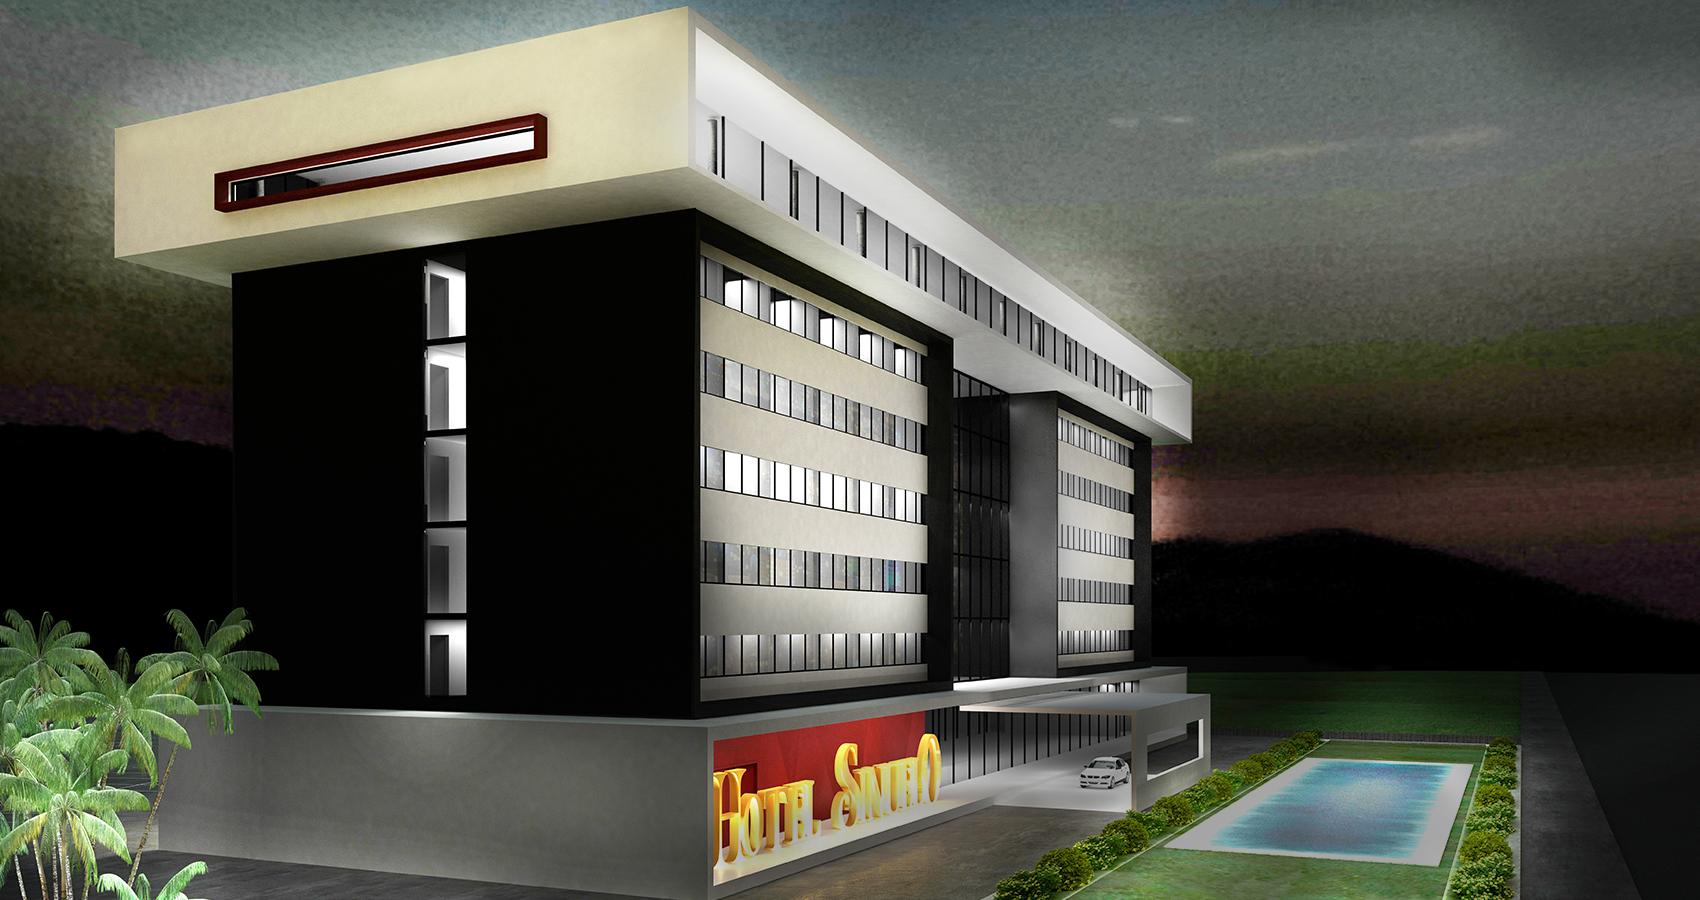 PJV - Hotel Sinuelo